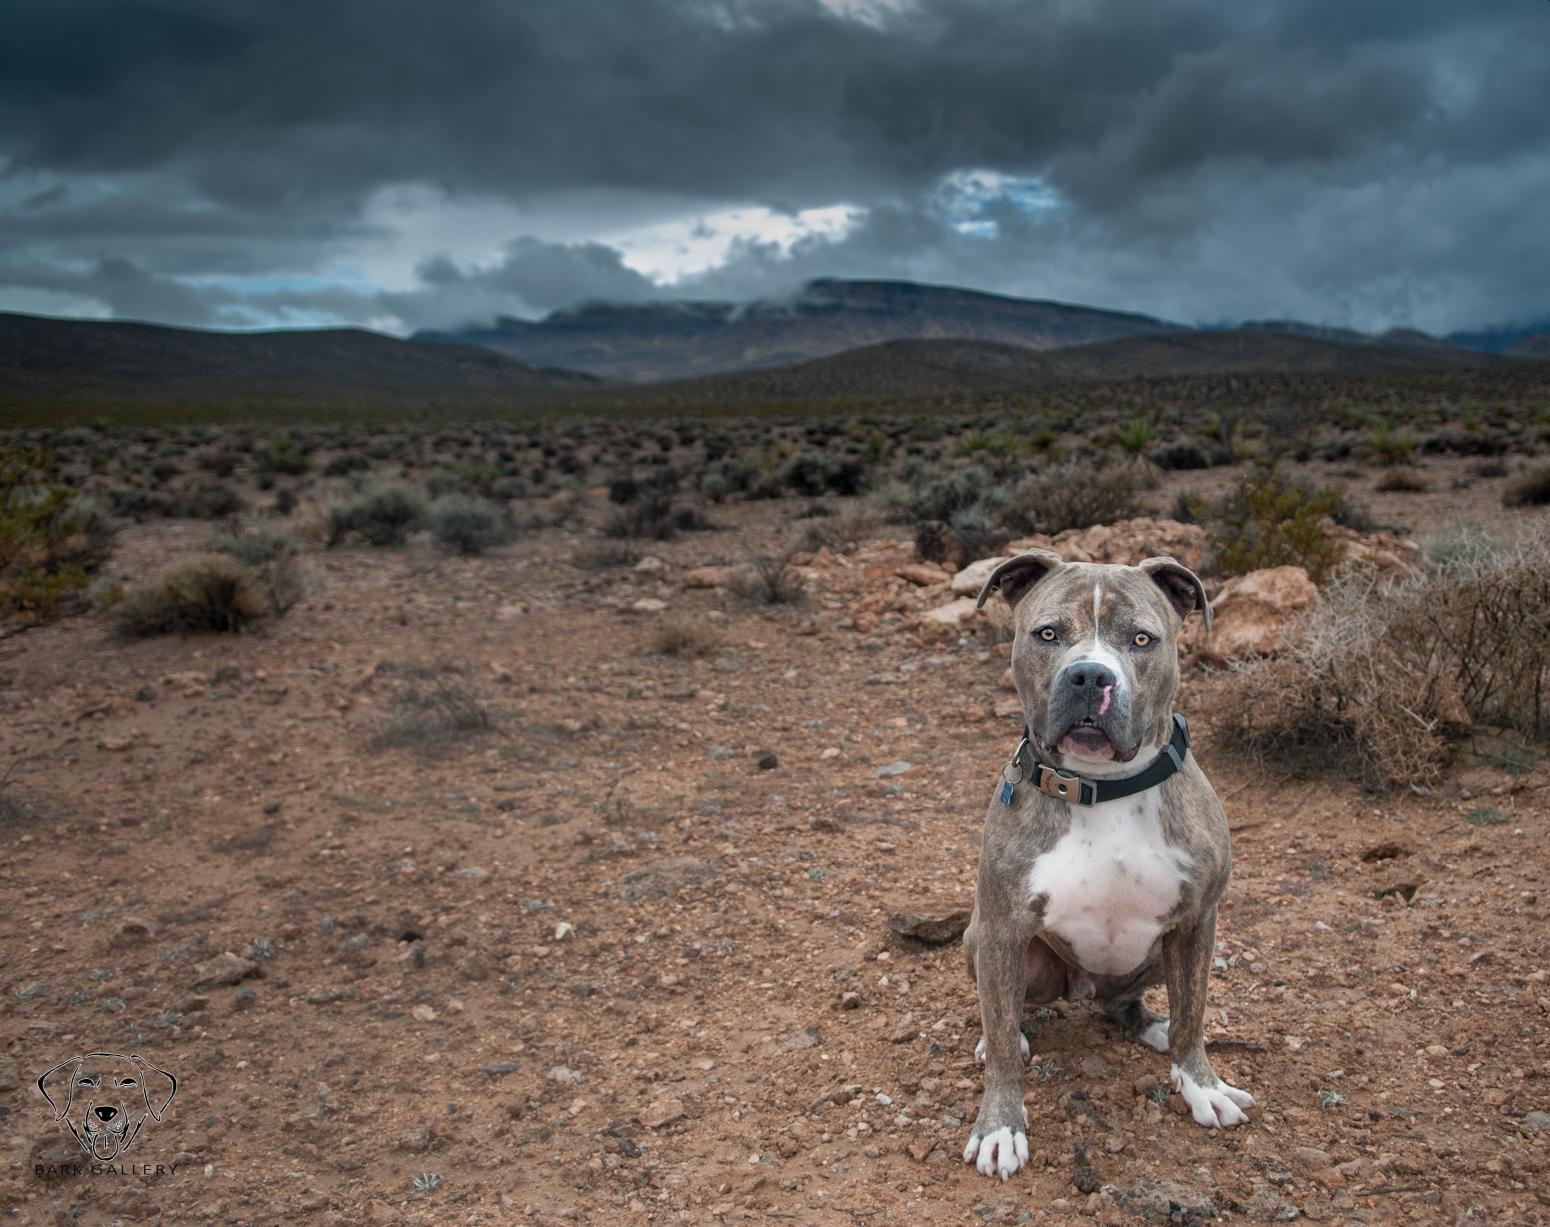 pitbull-desert-outdoor-dog-portrait